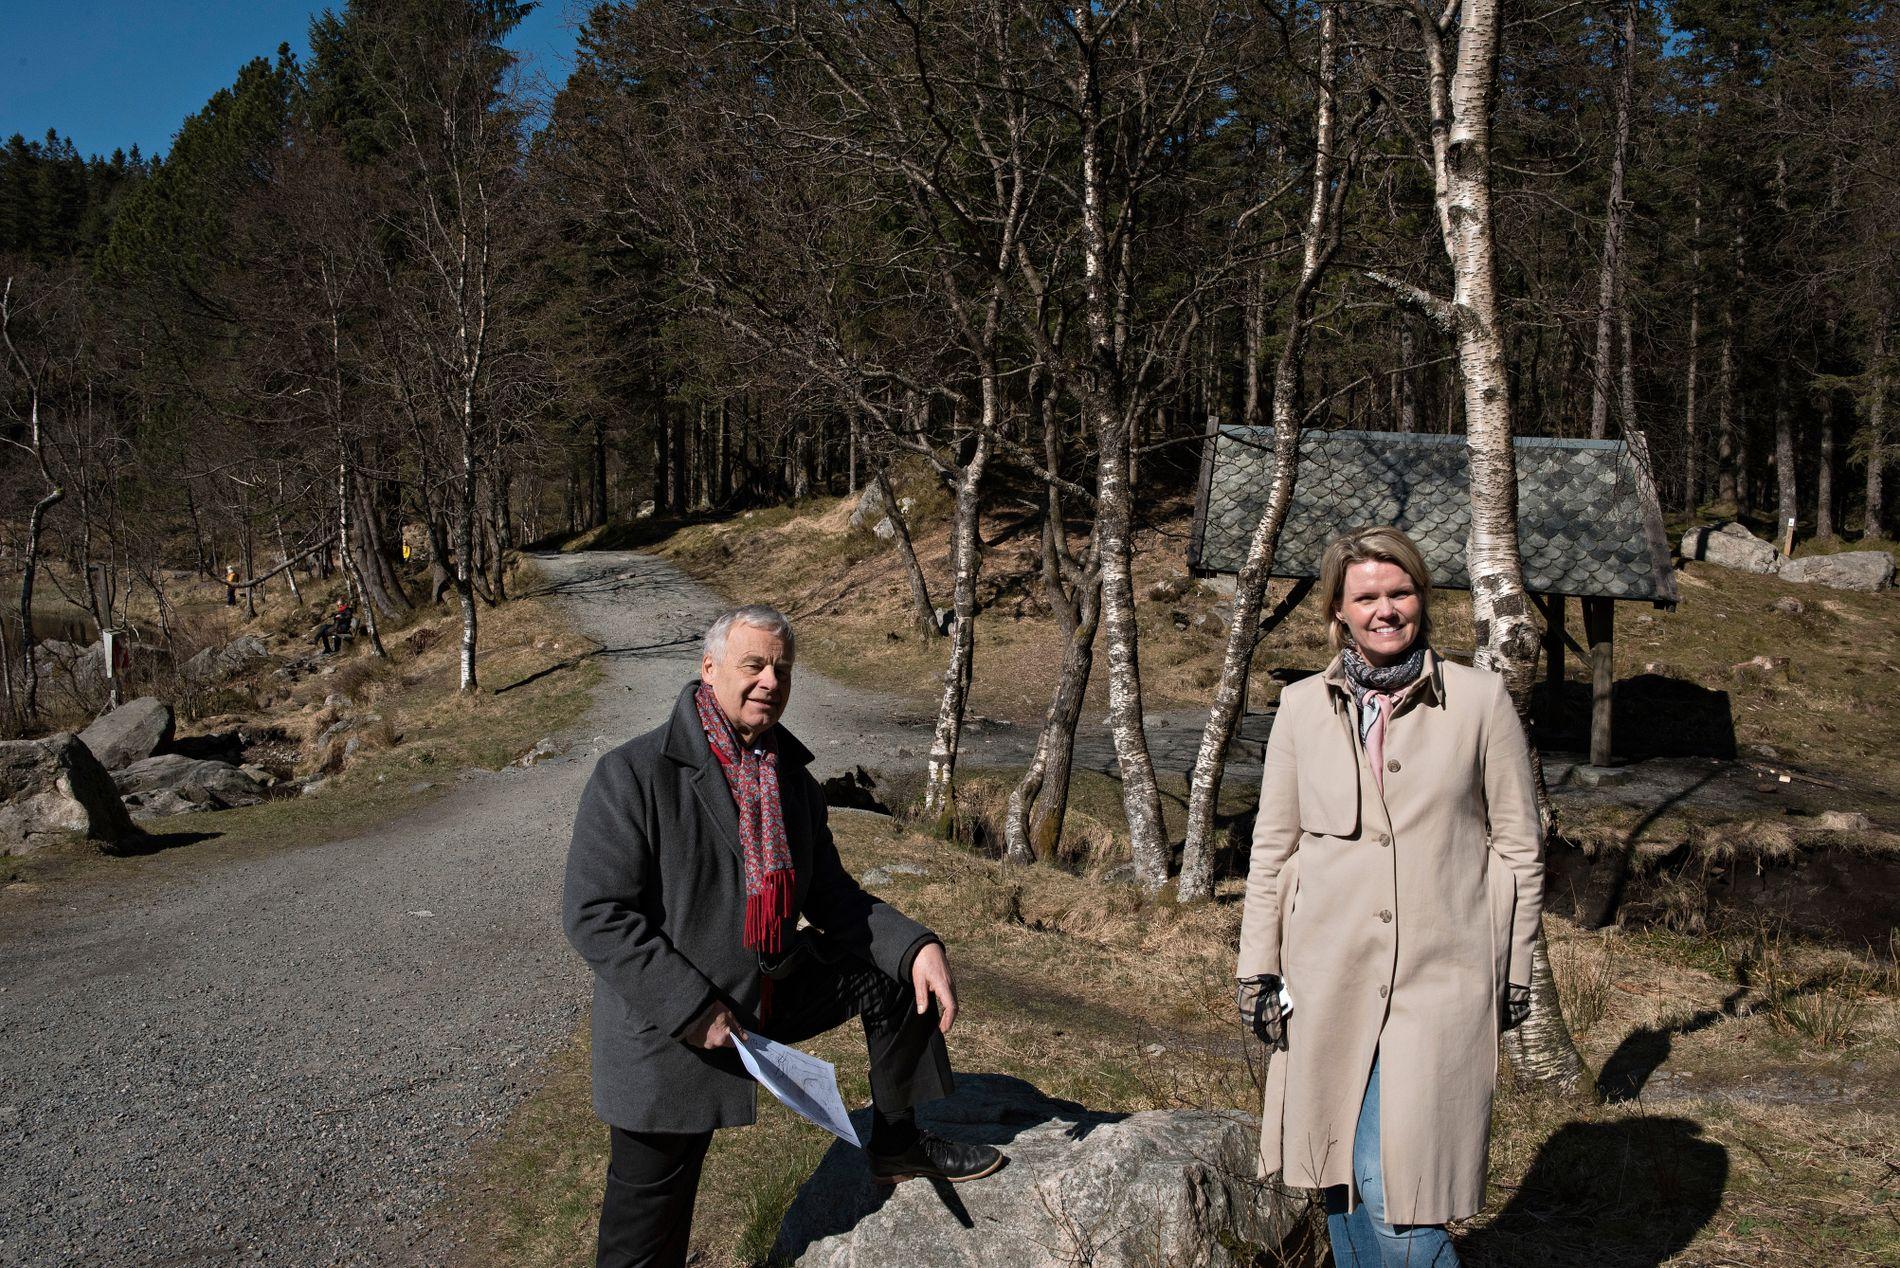 DYKTIGE FOLK: – En viktig faktor for at det går bra er engasjerte, dyktige folk som driver banen, sier Bjart Nygaard, her avbildet sammen med daglig leder Anita Nybø.